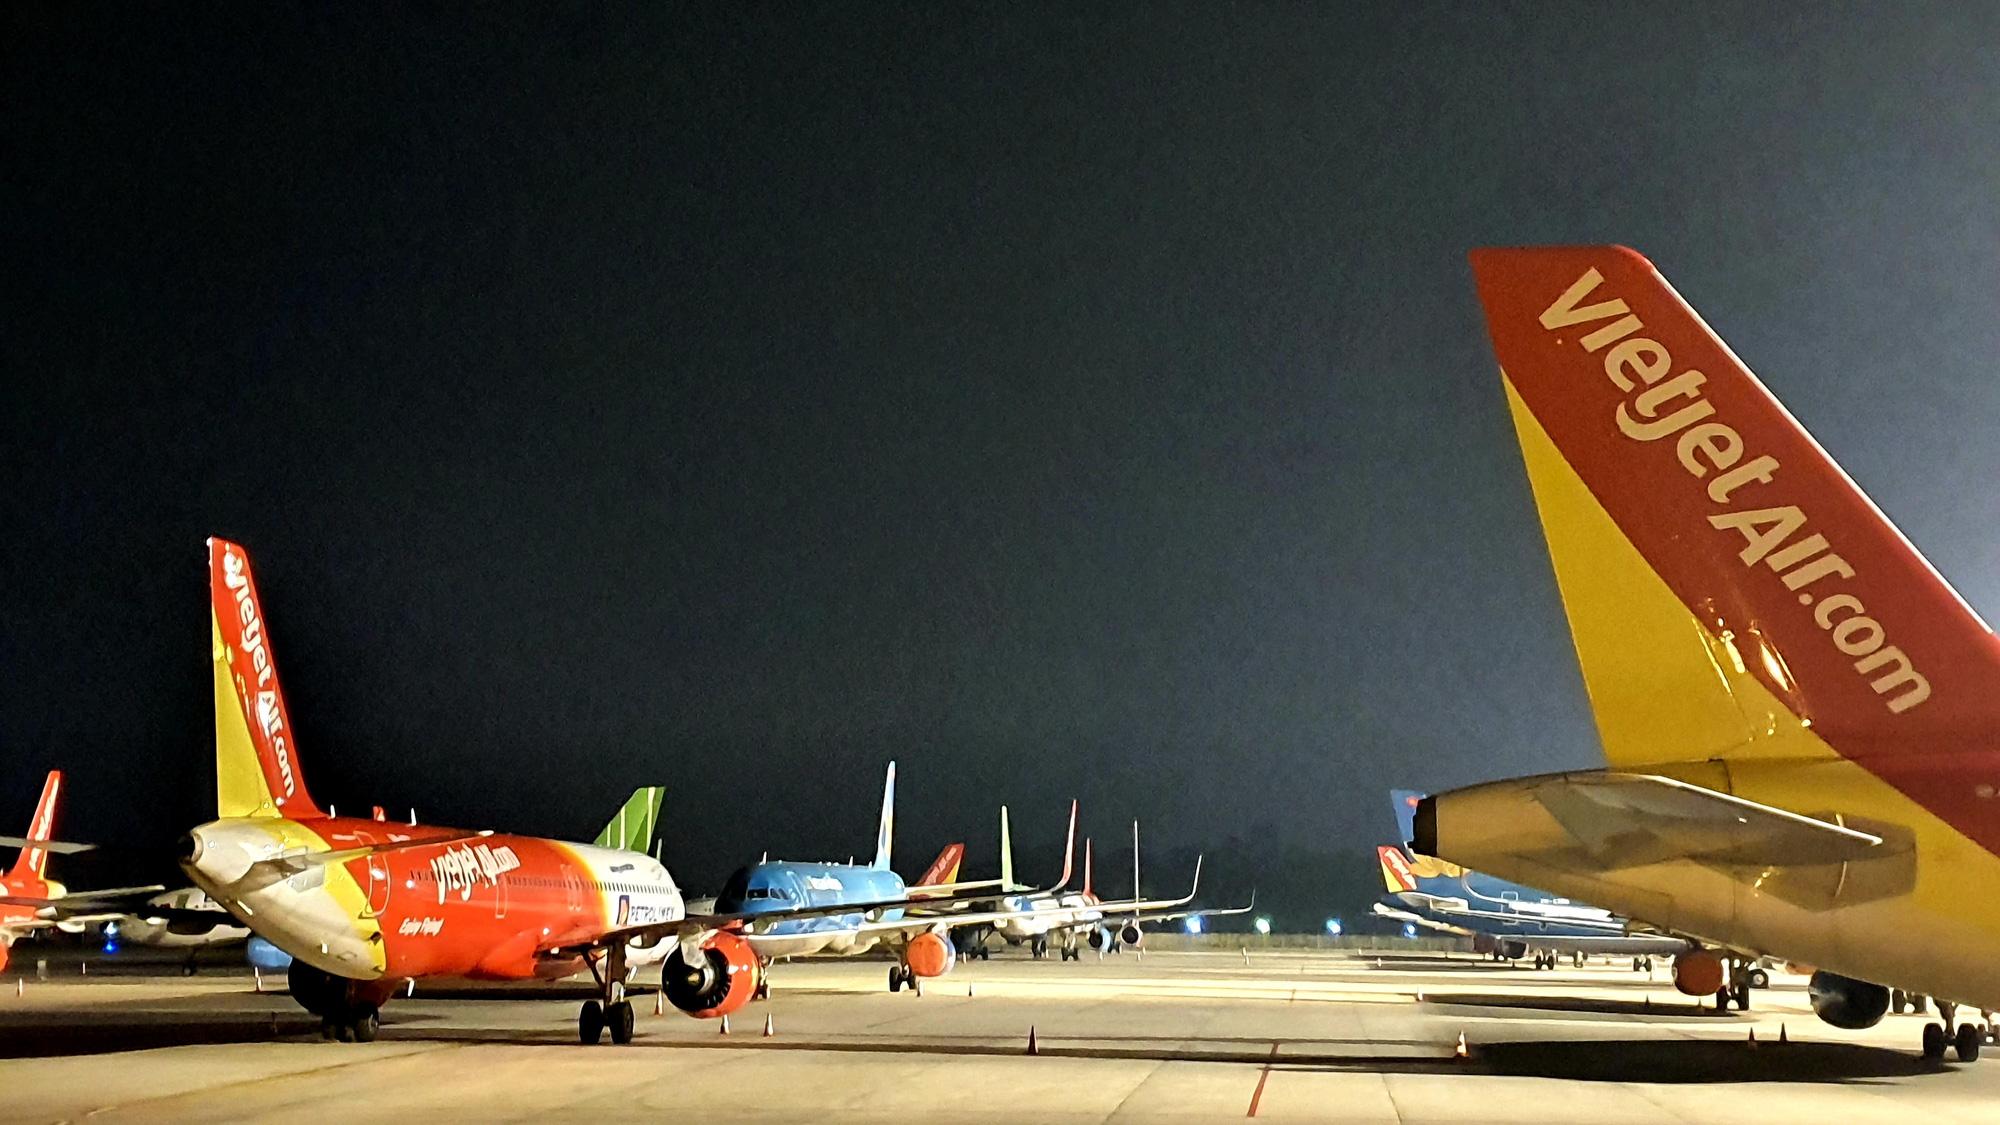 Chỉ mở bán vé máy bay giai đoạn từ 16/4 khi được Cục Hàng không cấp phép - Ảnh 1.